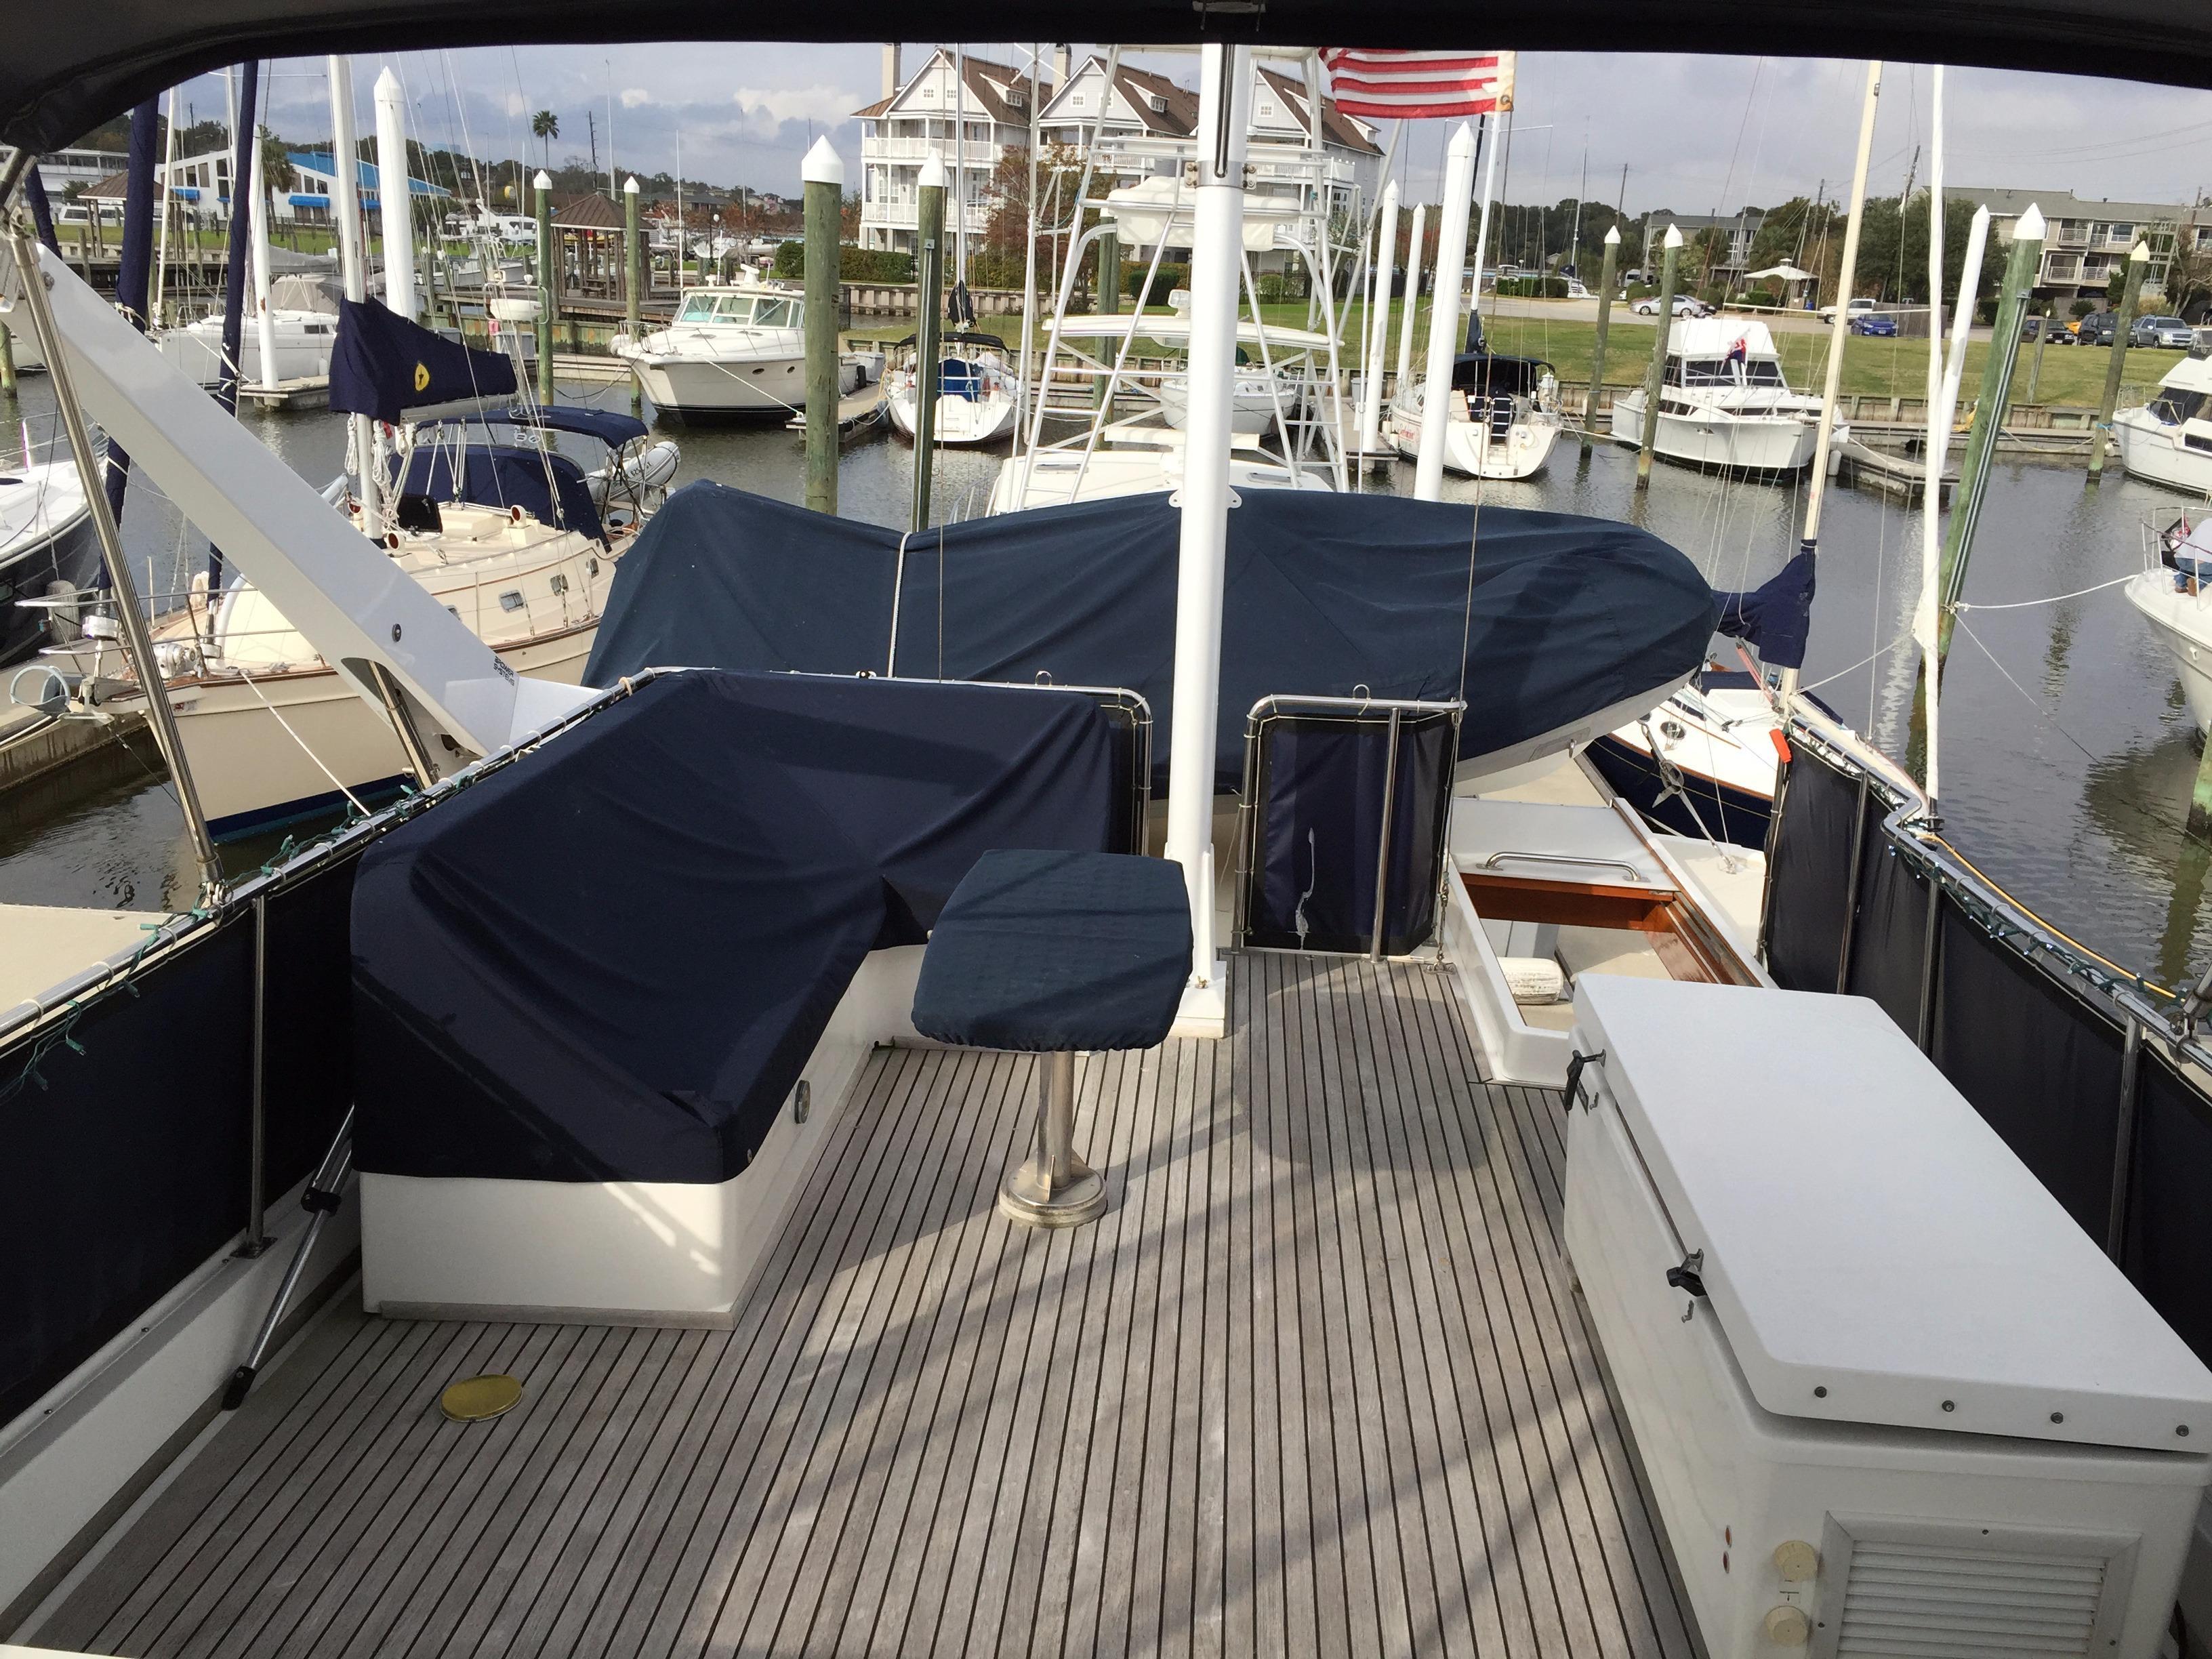 Flybridge-1- settee, frigibar, yacht mast, tender & davit